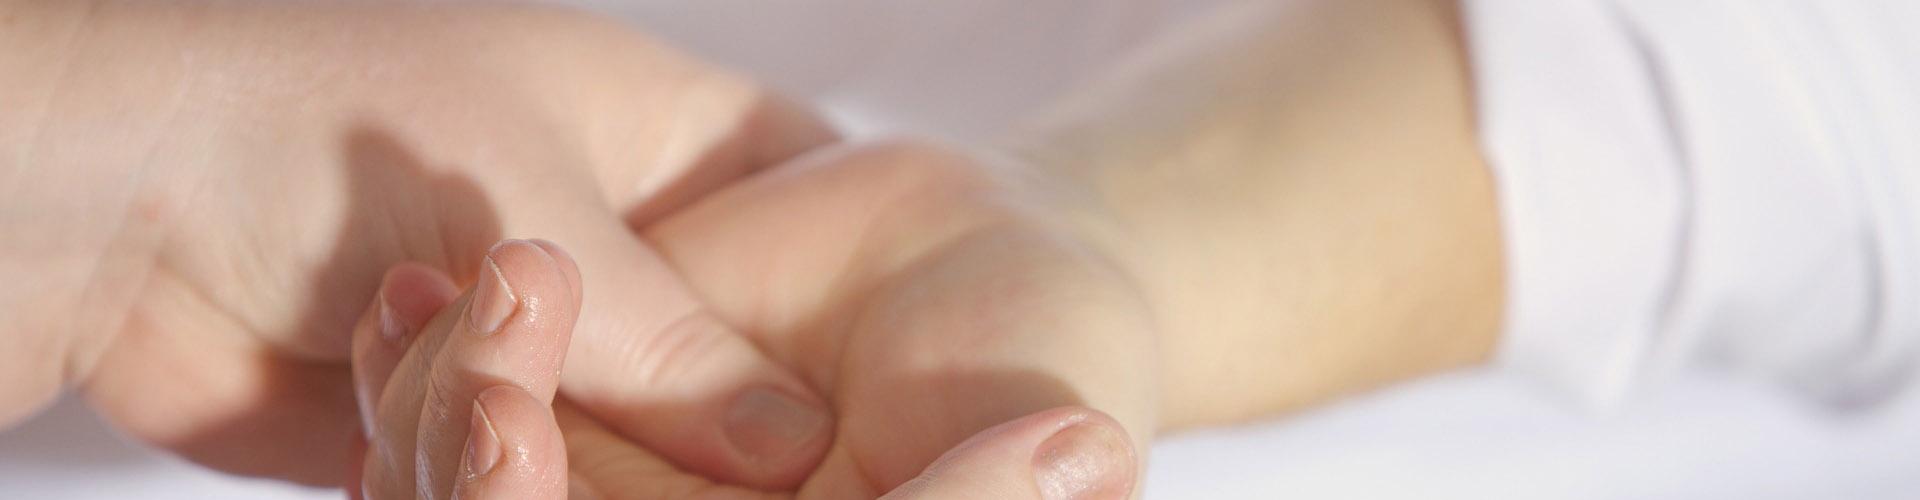 Esperienza/Seminario Massaggio di Coppia: Una Carezza D'Amore